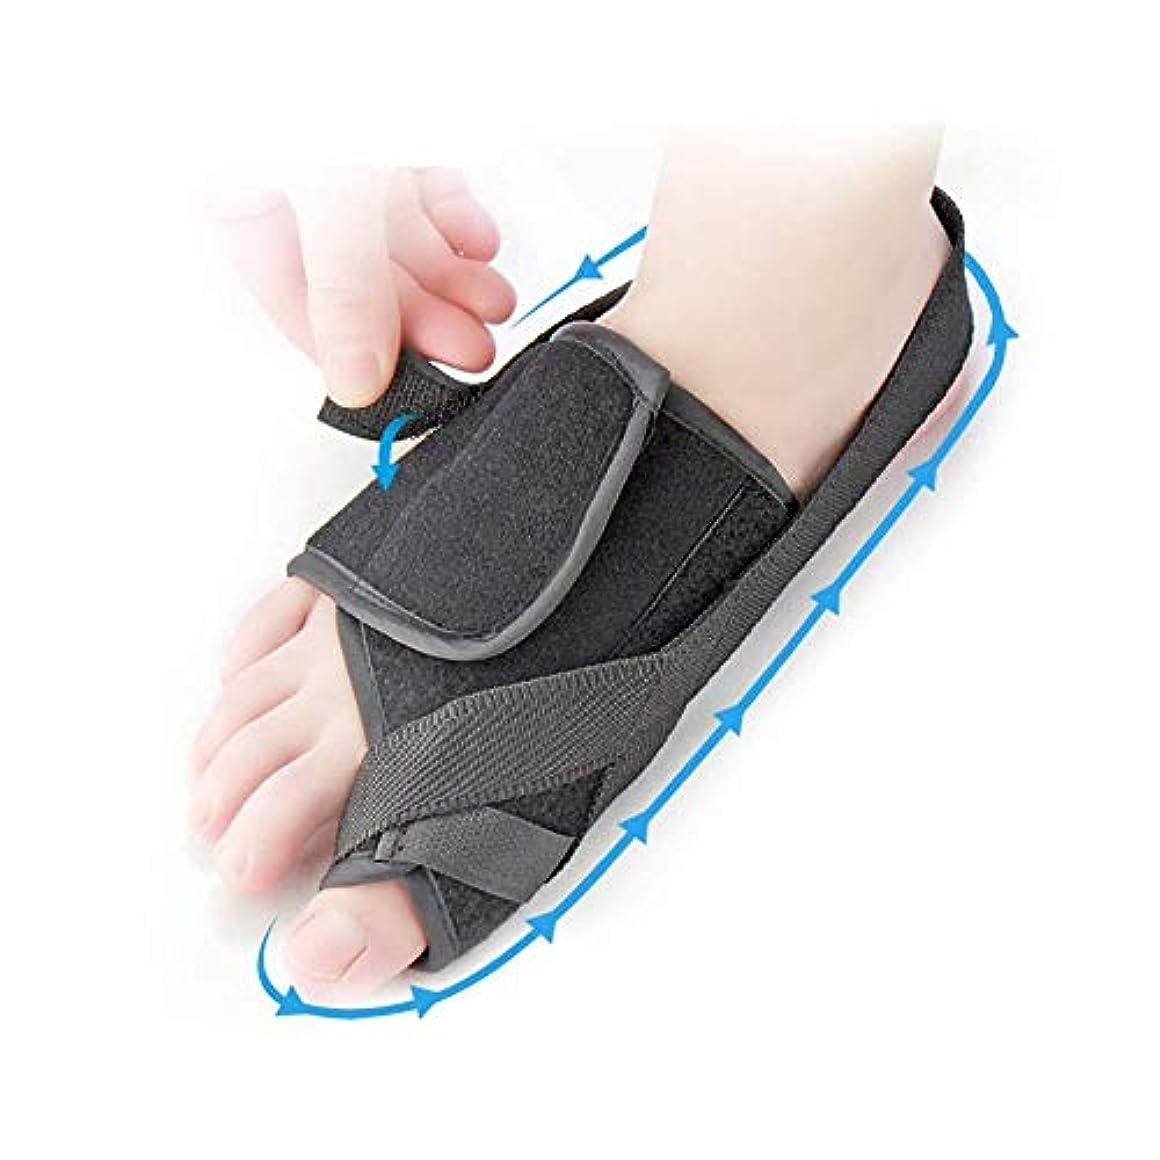 いわゆるぼかす甘美なつま先セパレーター、調節可能なフックと外反母toつま先矯正スプリント用つま先矯正器付き外反母hallつま先サポート,Left Foot